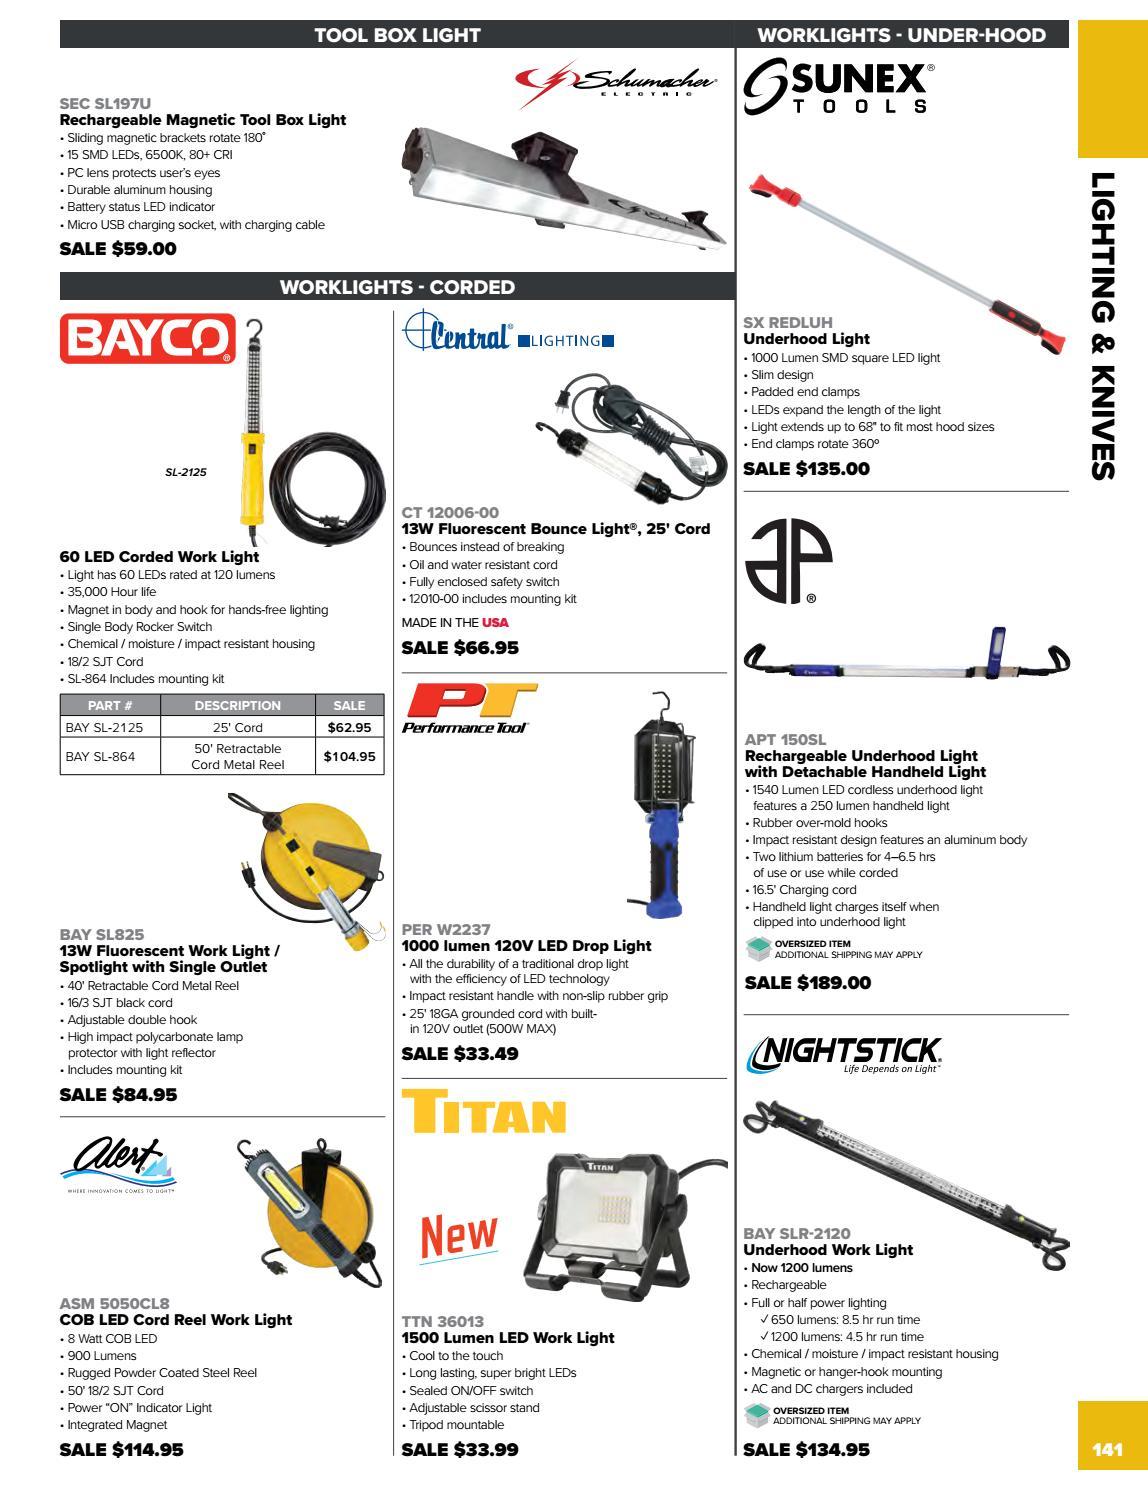 LED Rechargeable Under Hood Work Light BAY-SLR-2120 Brand New!